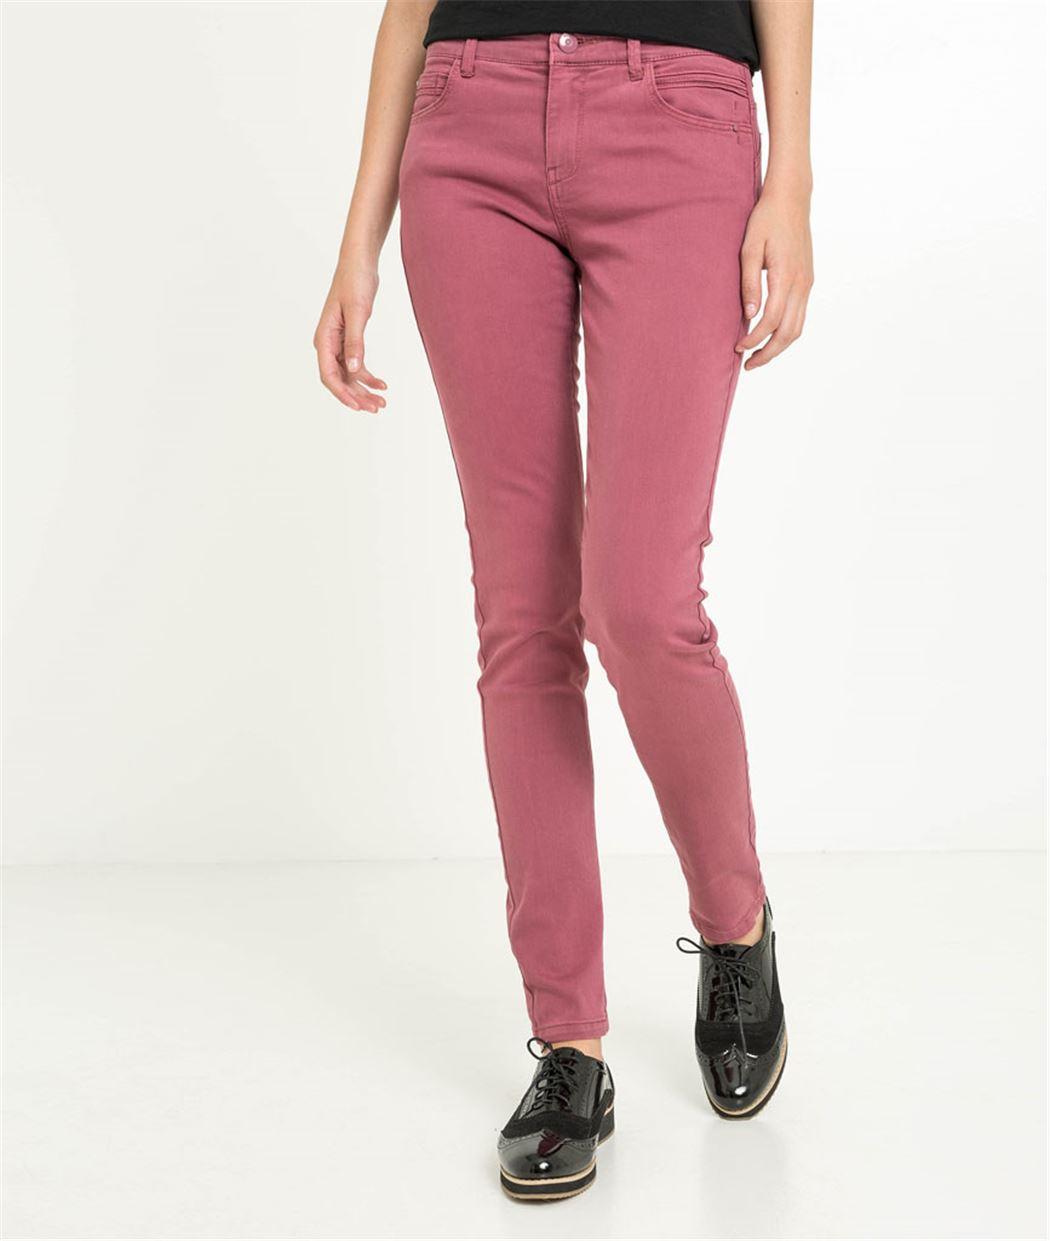 Pantalon slim couleur effet push up ORCHIDEE